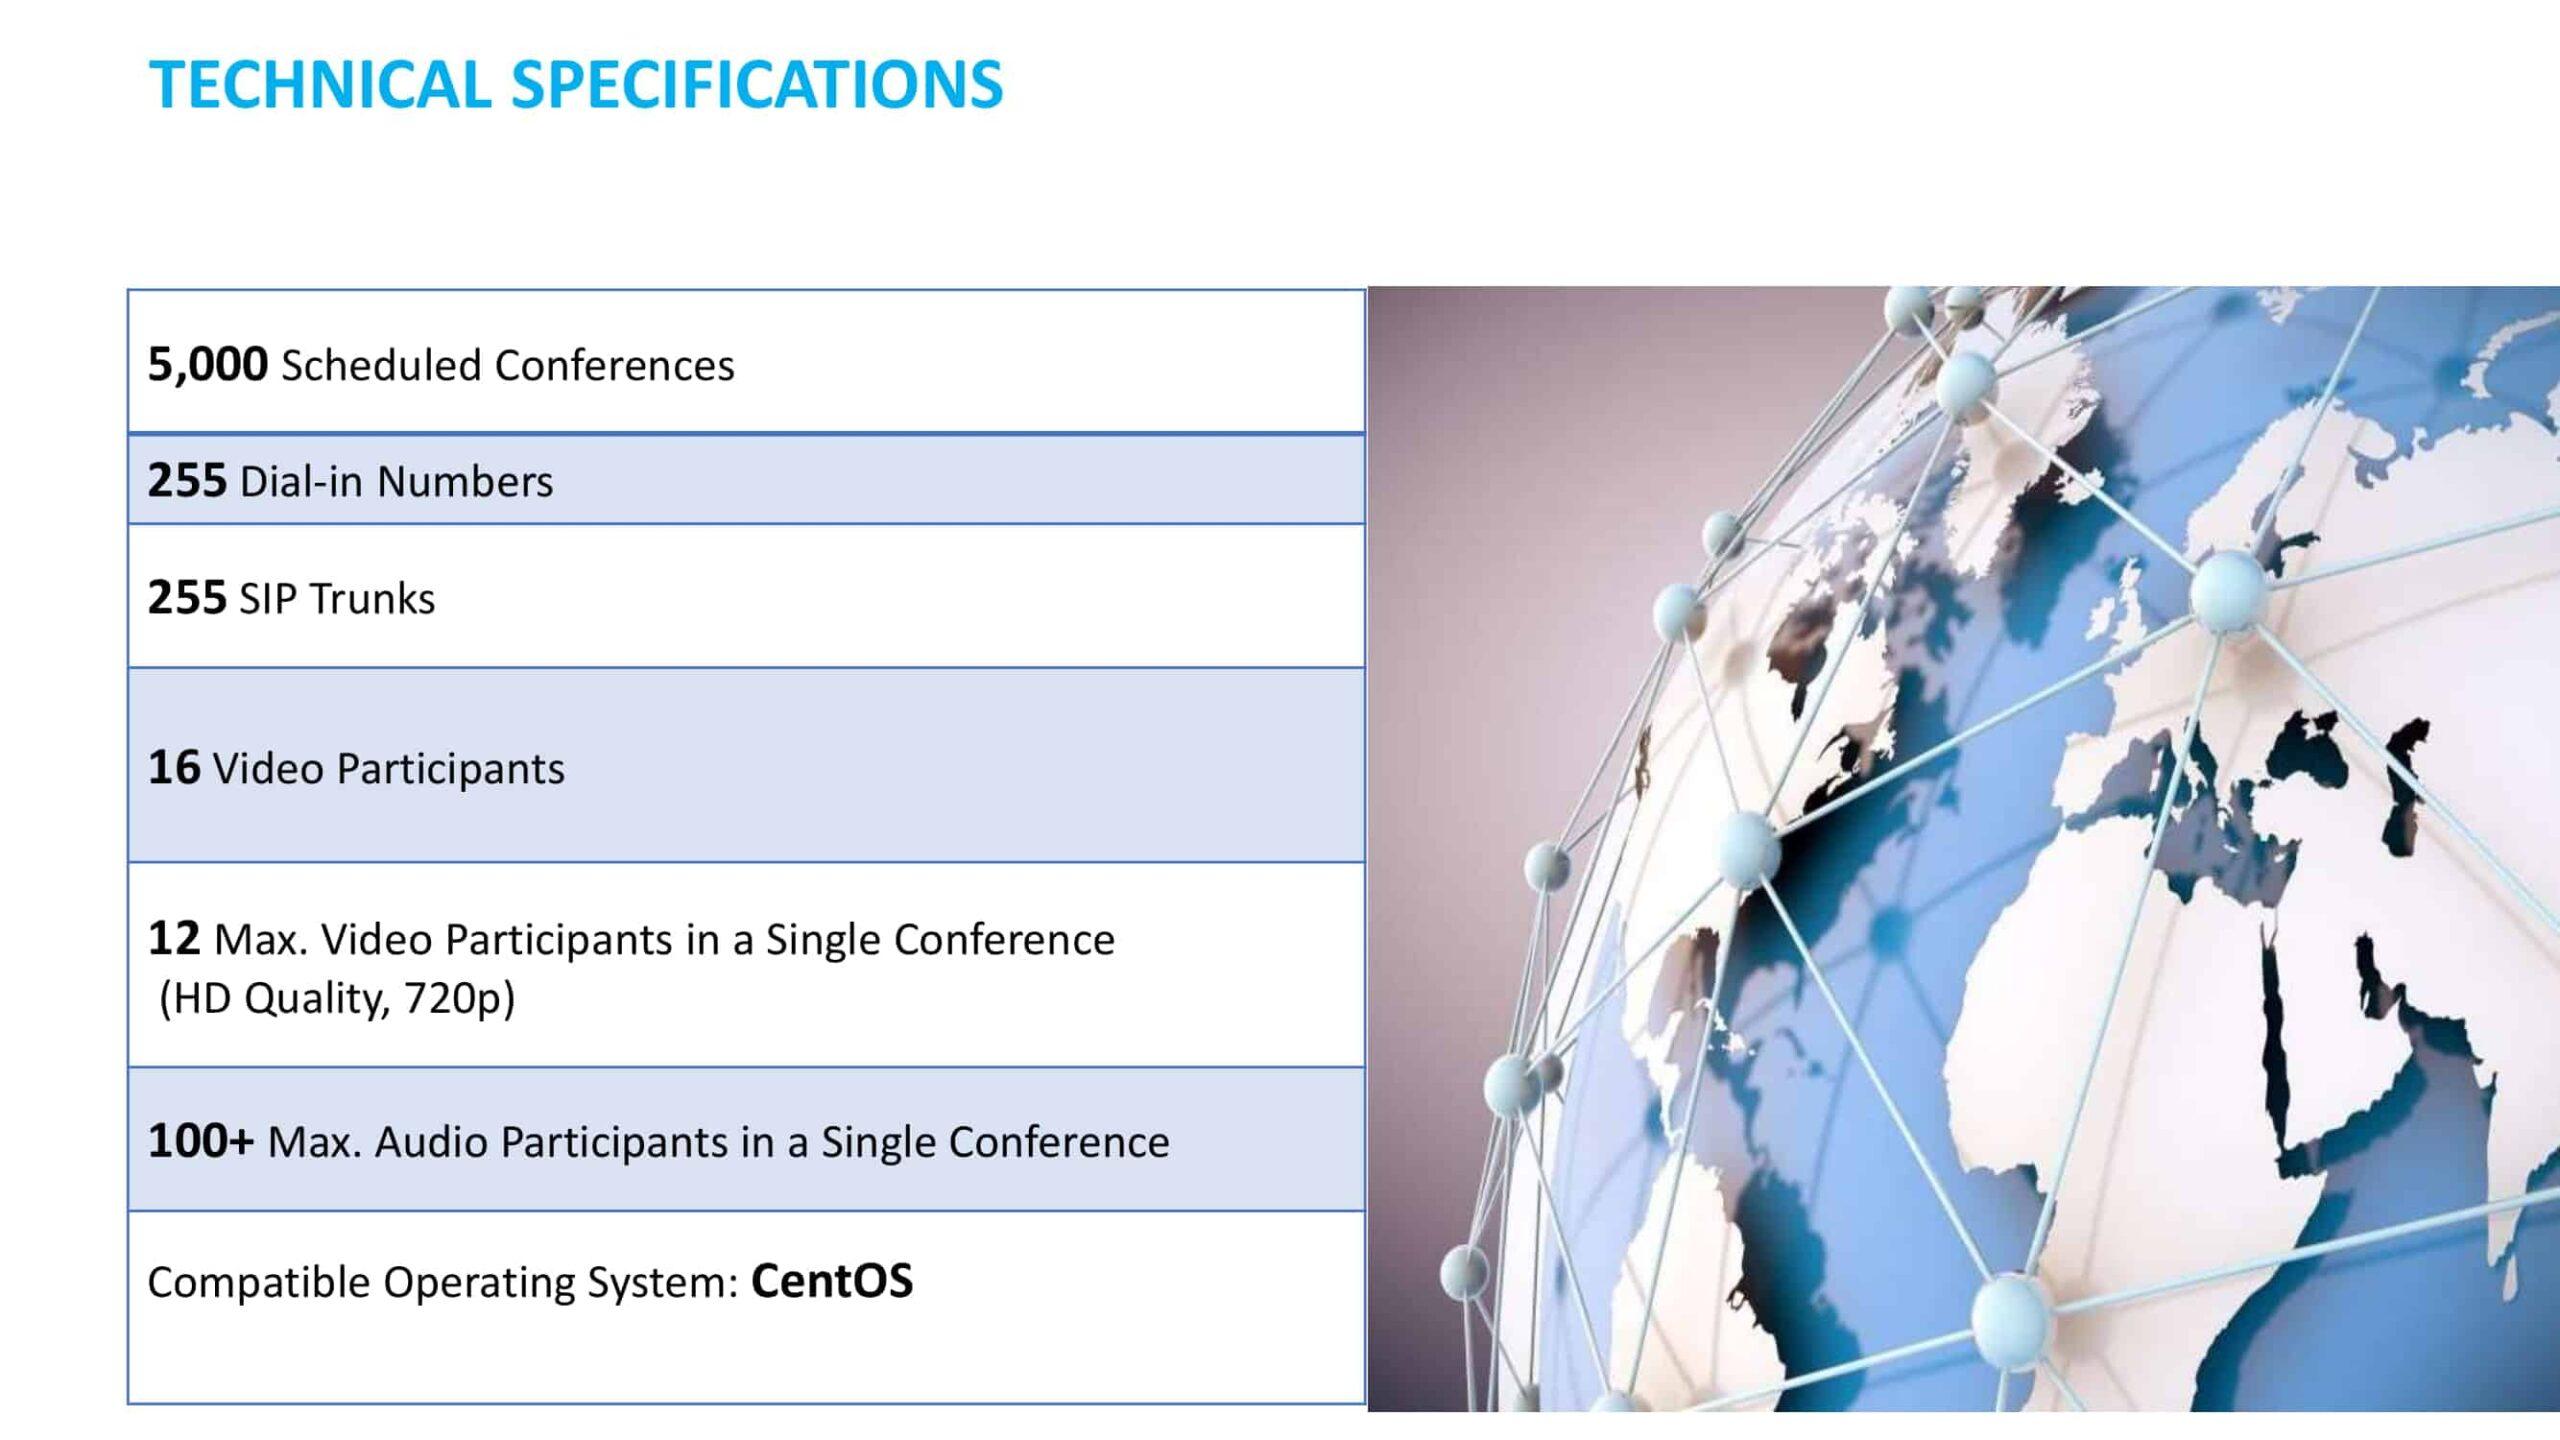 Telecom_for_SI_Presentation-22